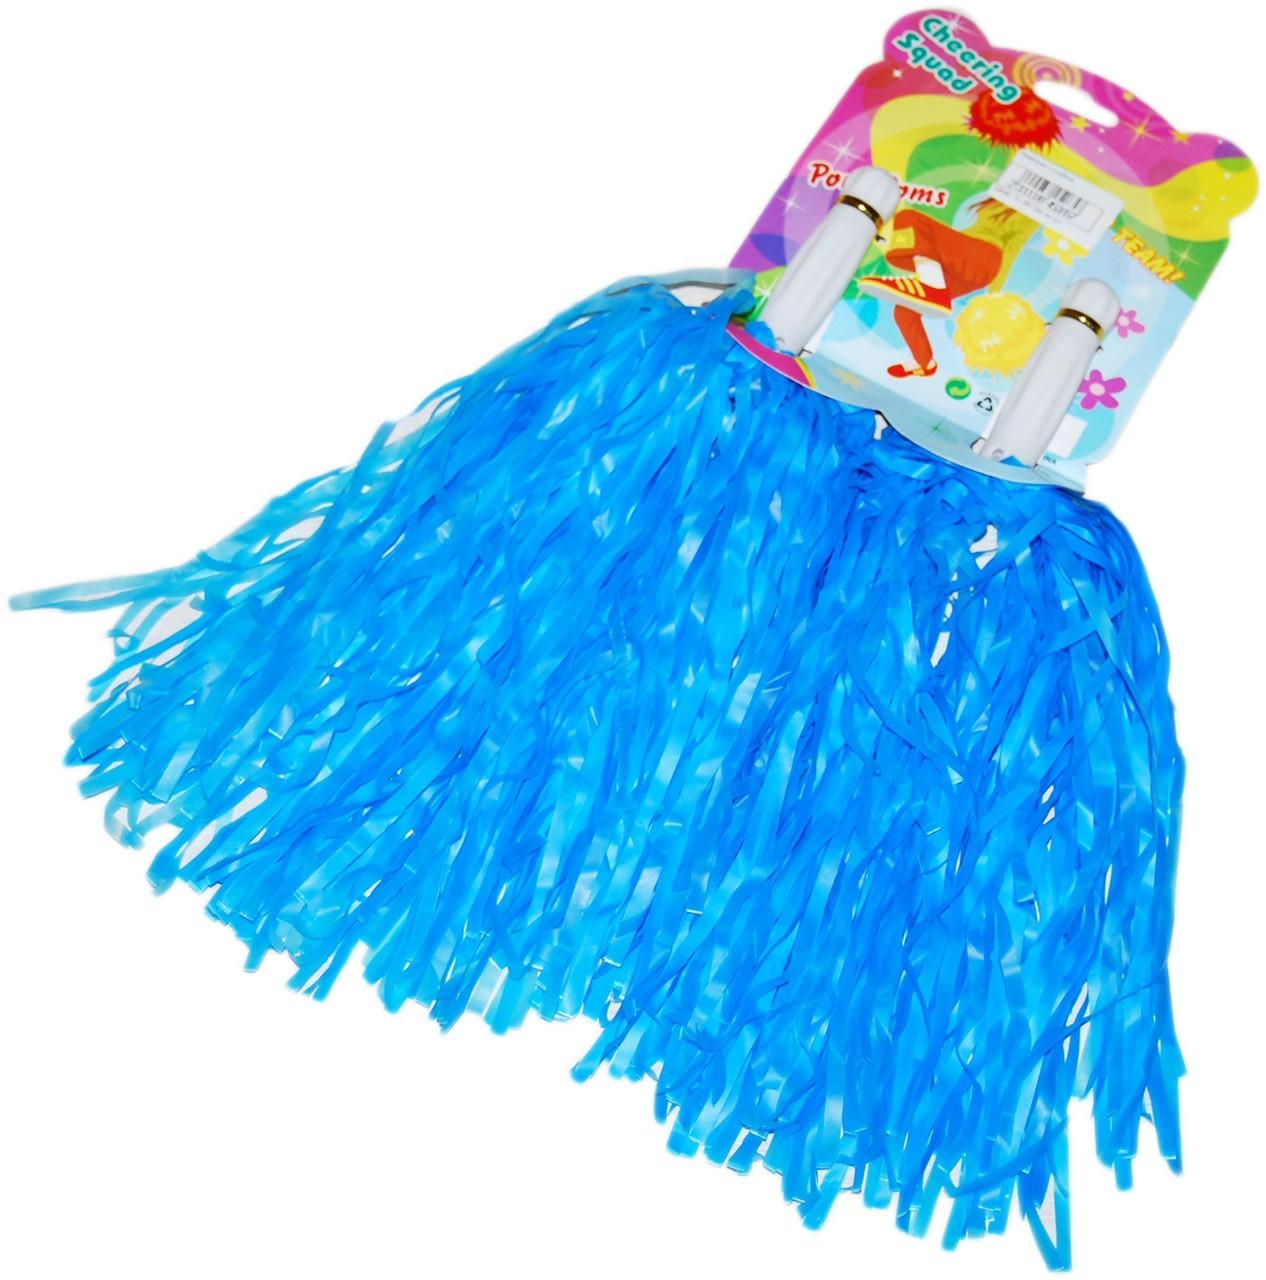 Помпоны болельщика Матовые Синие для черлидинга, махалки для группы поддержки, султанчики